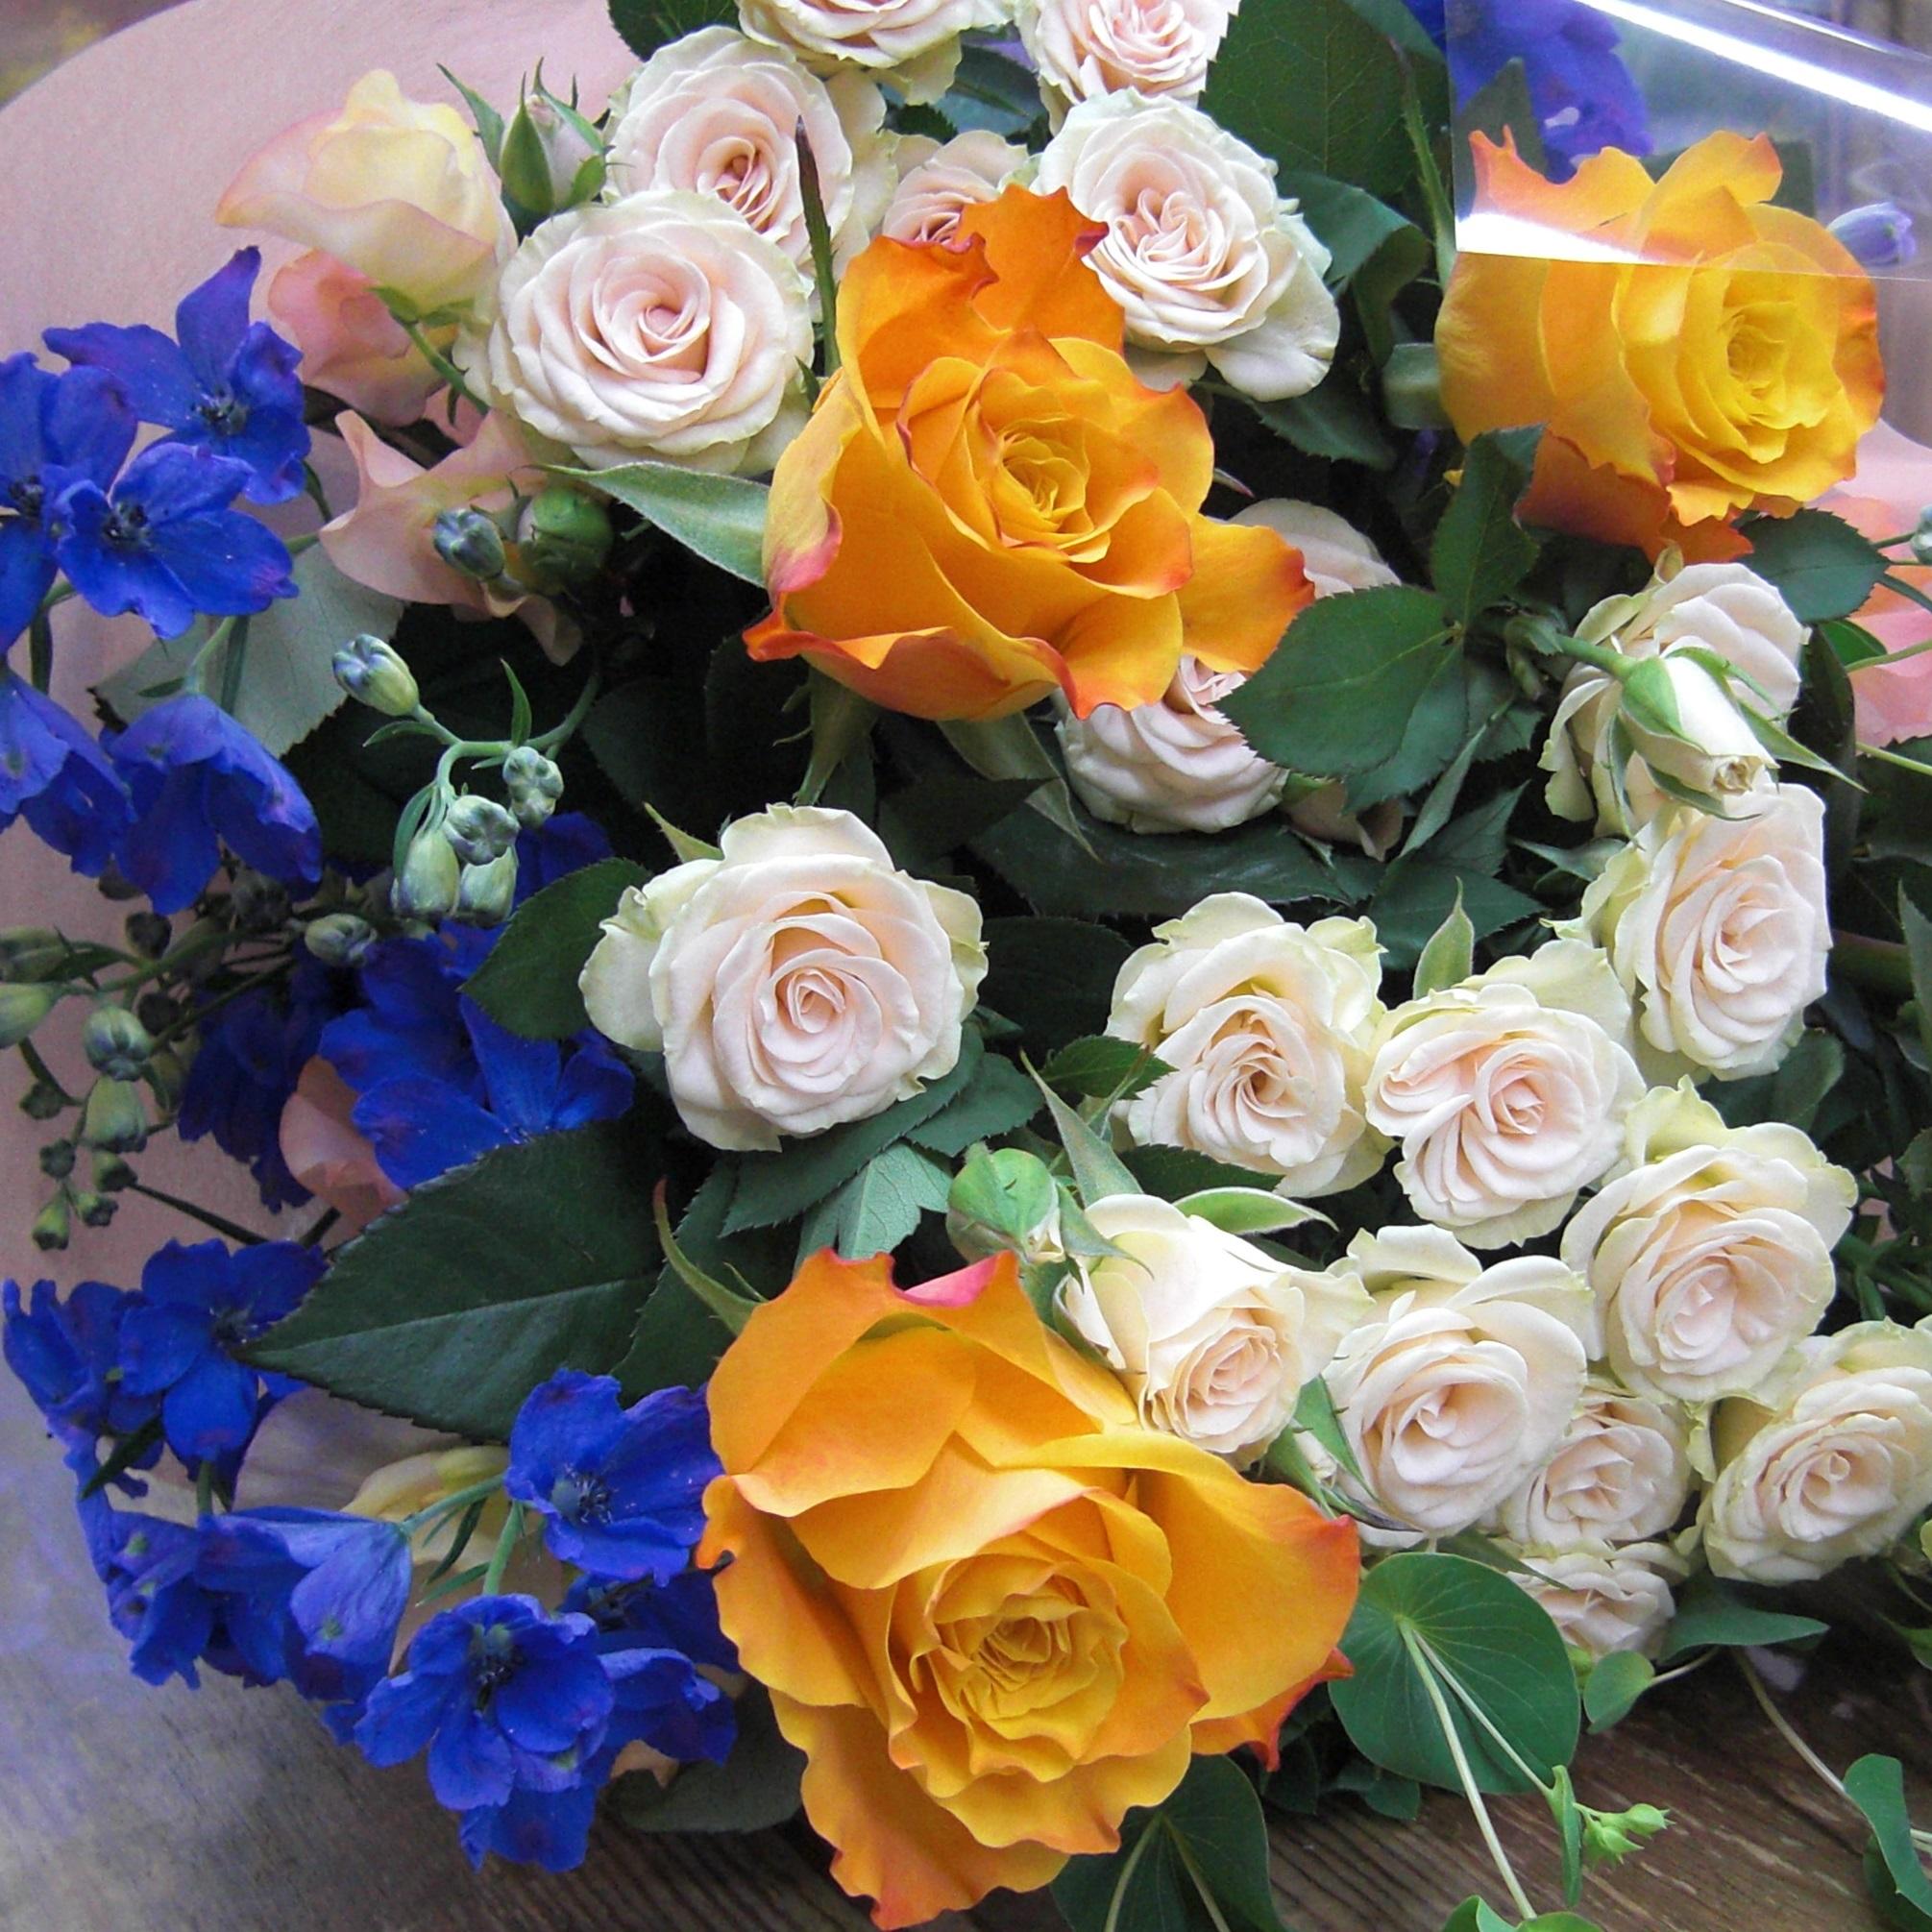 オレンジ色のバラとアクセントにブルーのデルフィニウムを使った花束